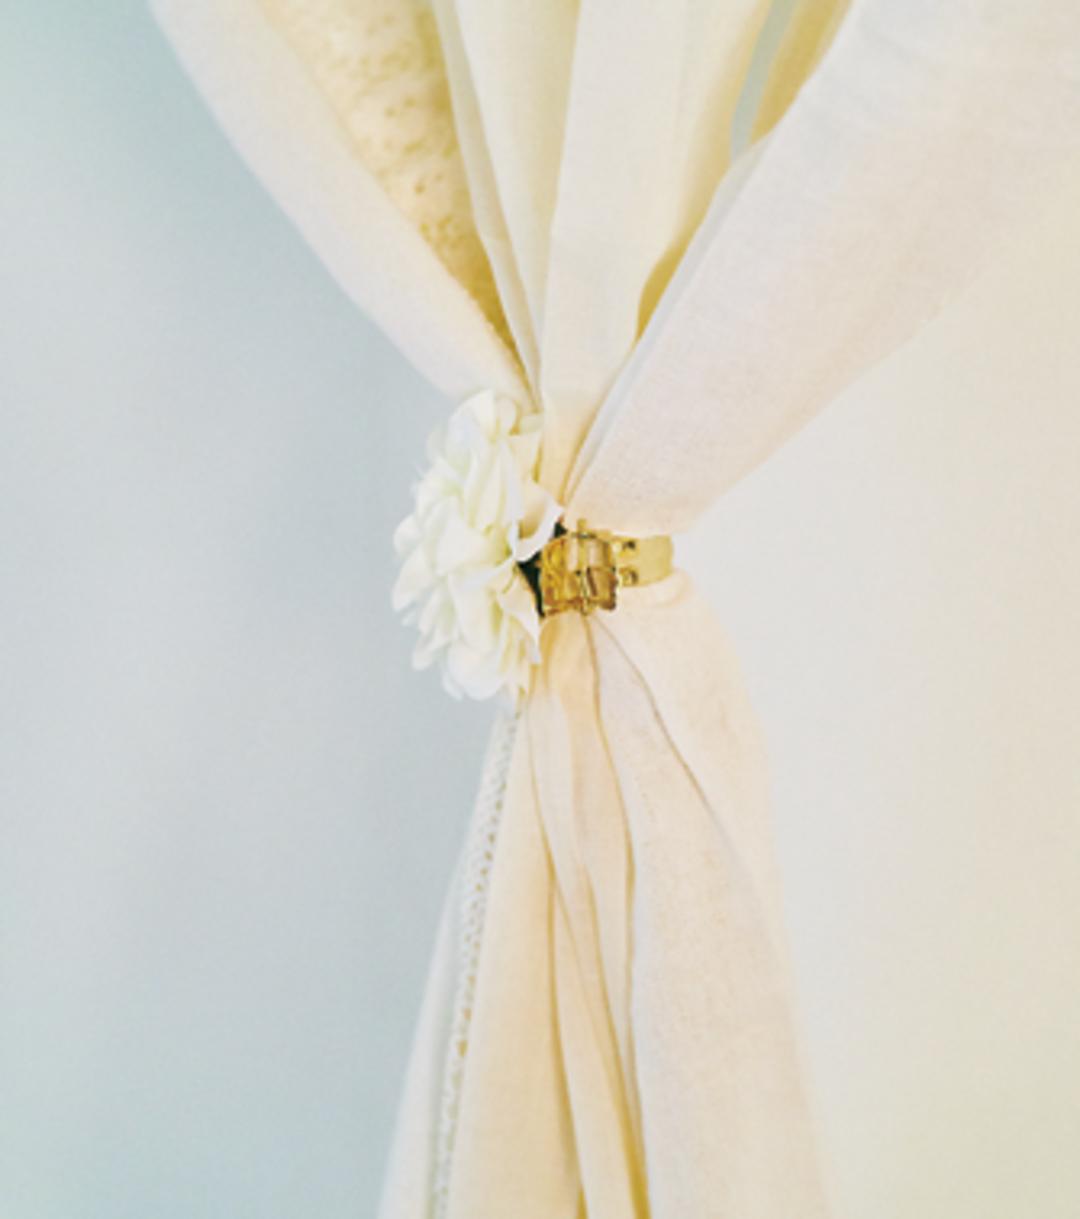 [アイデア①]カーテンを壁に貼ってカーテンどめをON